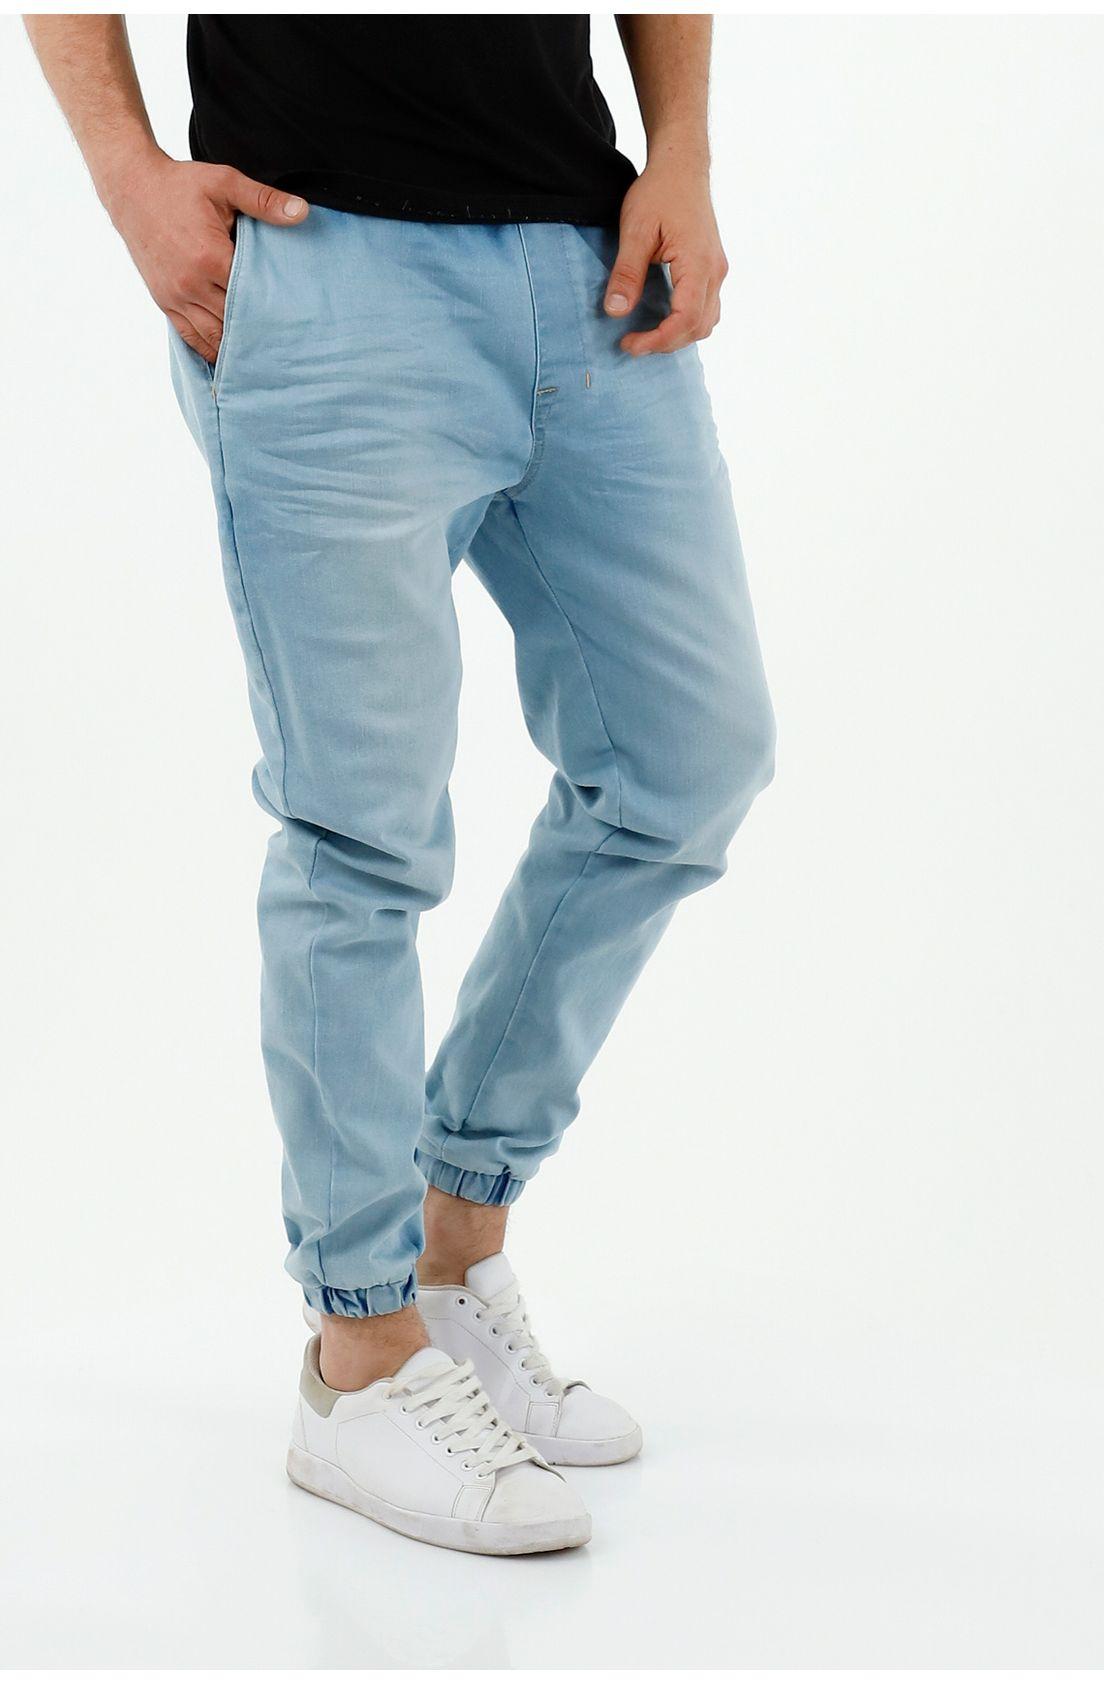 Compra Pantalon En Www Tennis Com Co Tennis